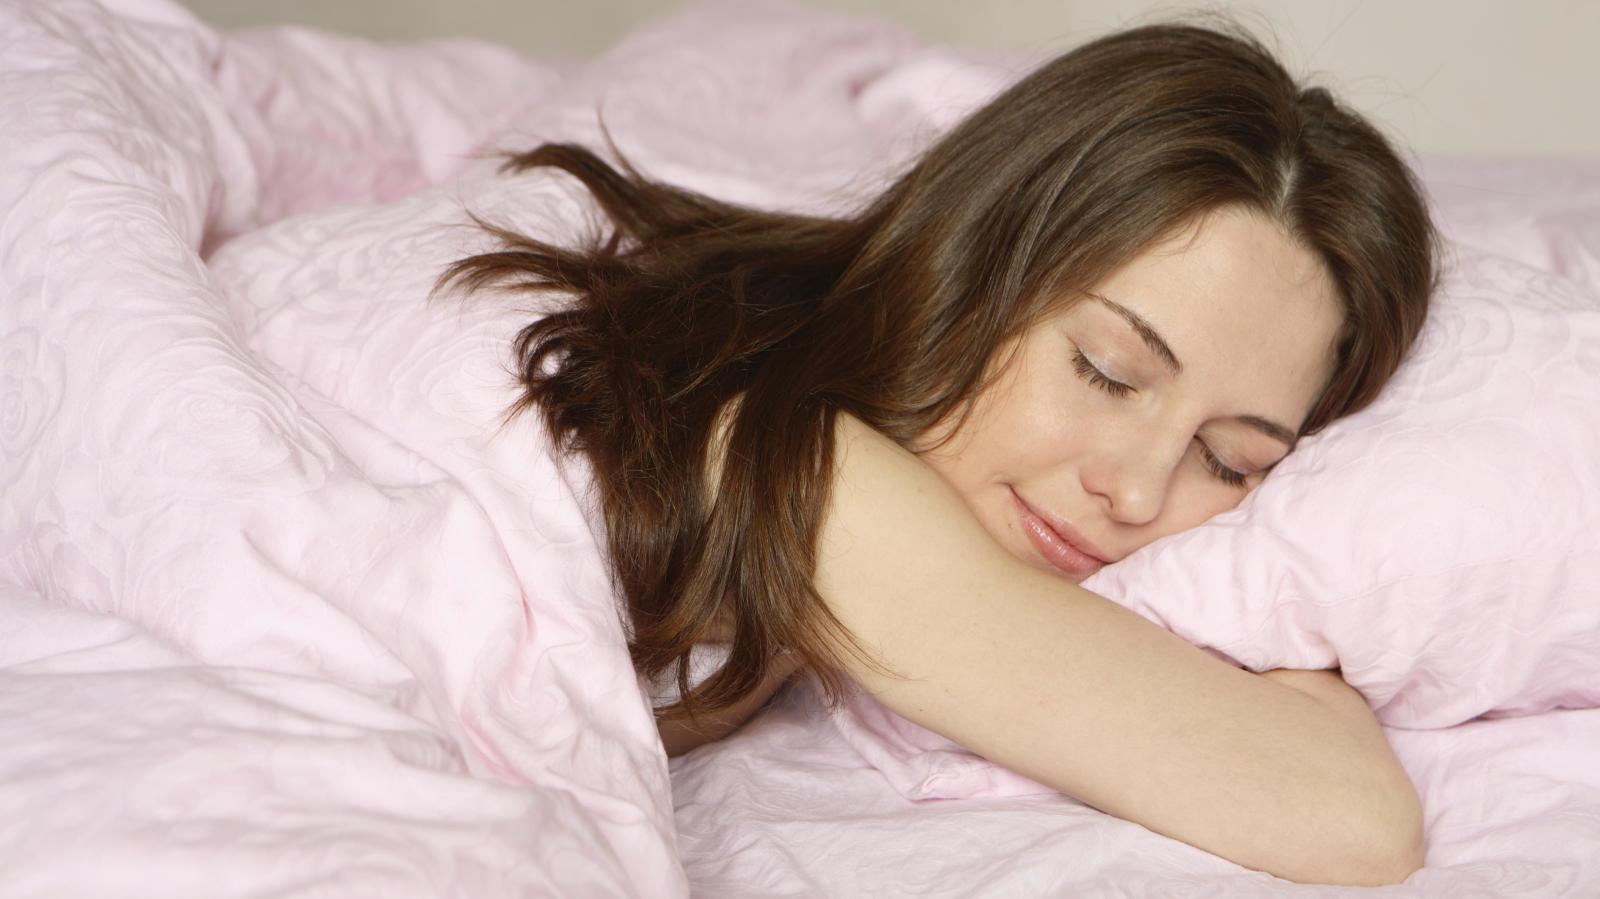 Técnicas y trucos de relajación que te ayudarán a dormir mejor